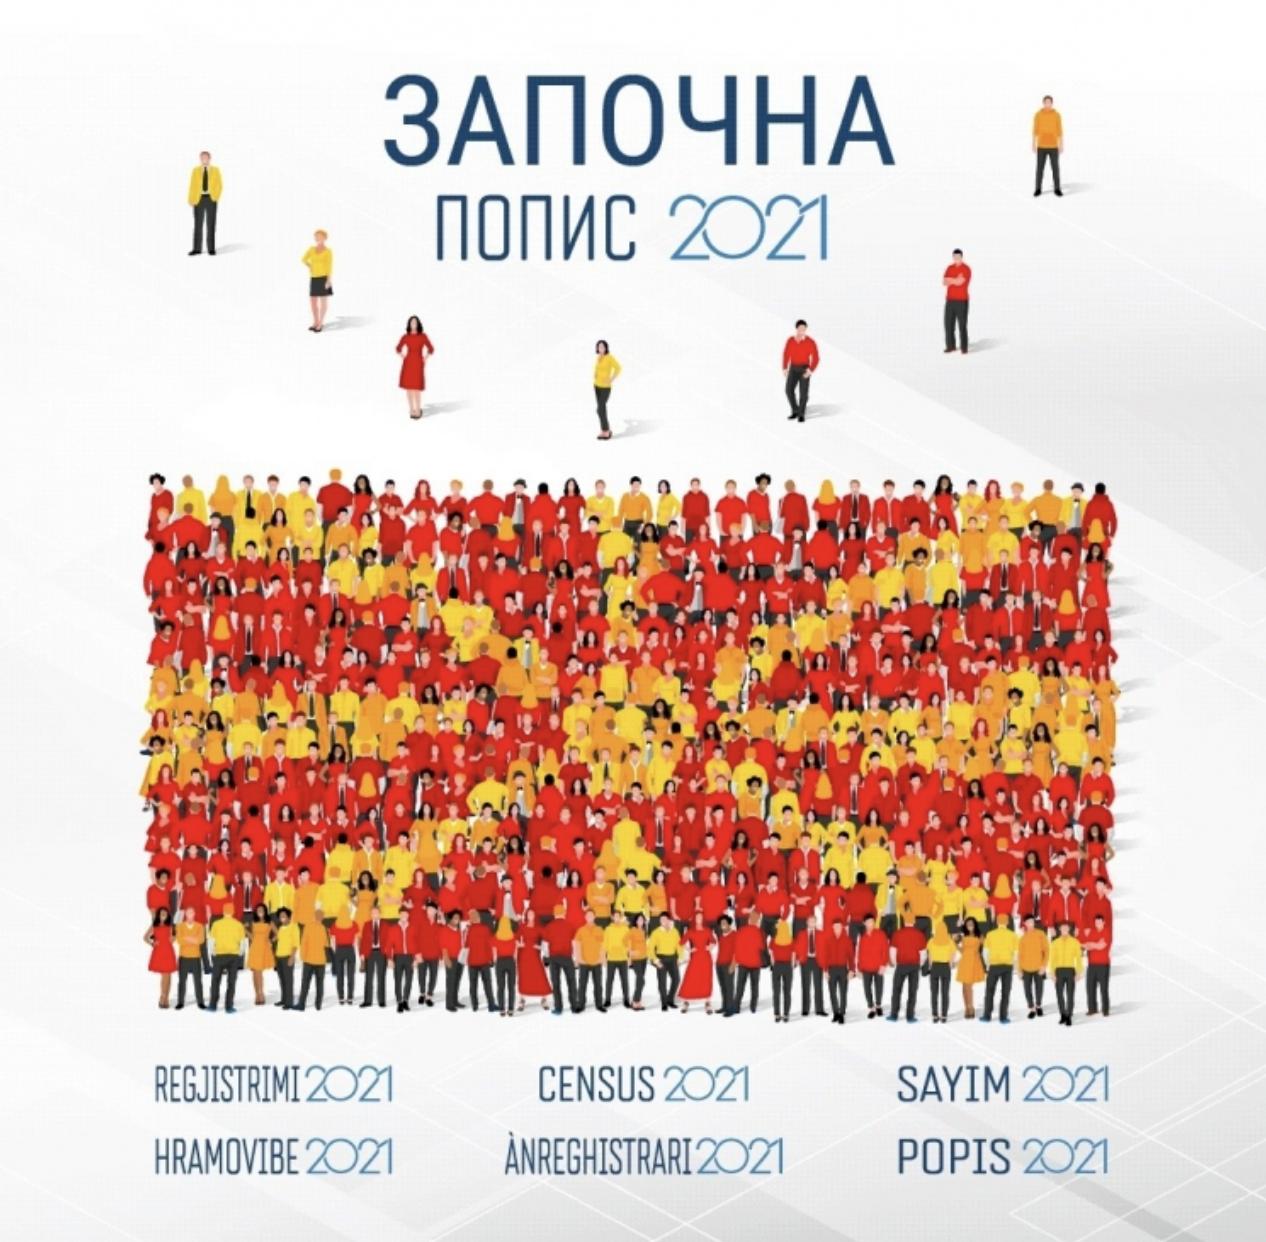 Με ικανοποιητικό ρυθμό και χωρίς προβλήματα διεξάγεται η απογραφή του πληθυσμού